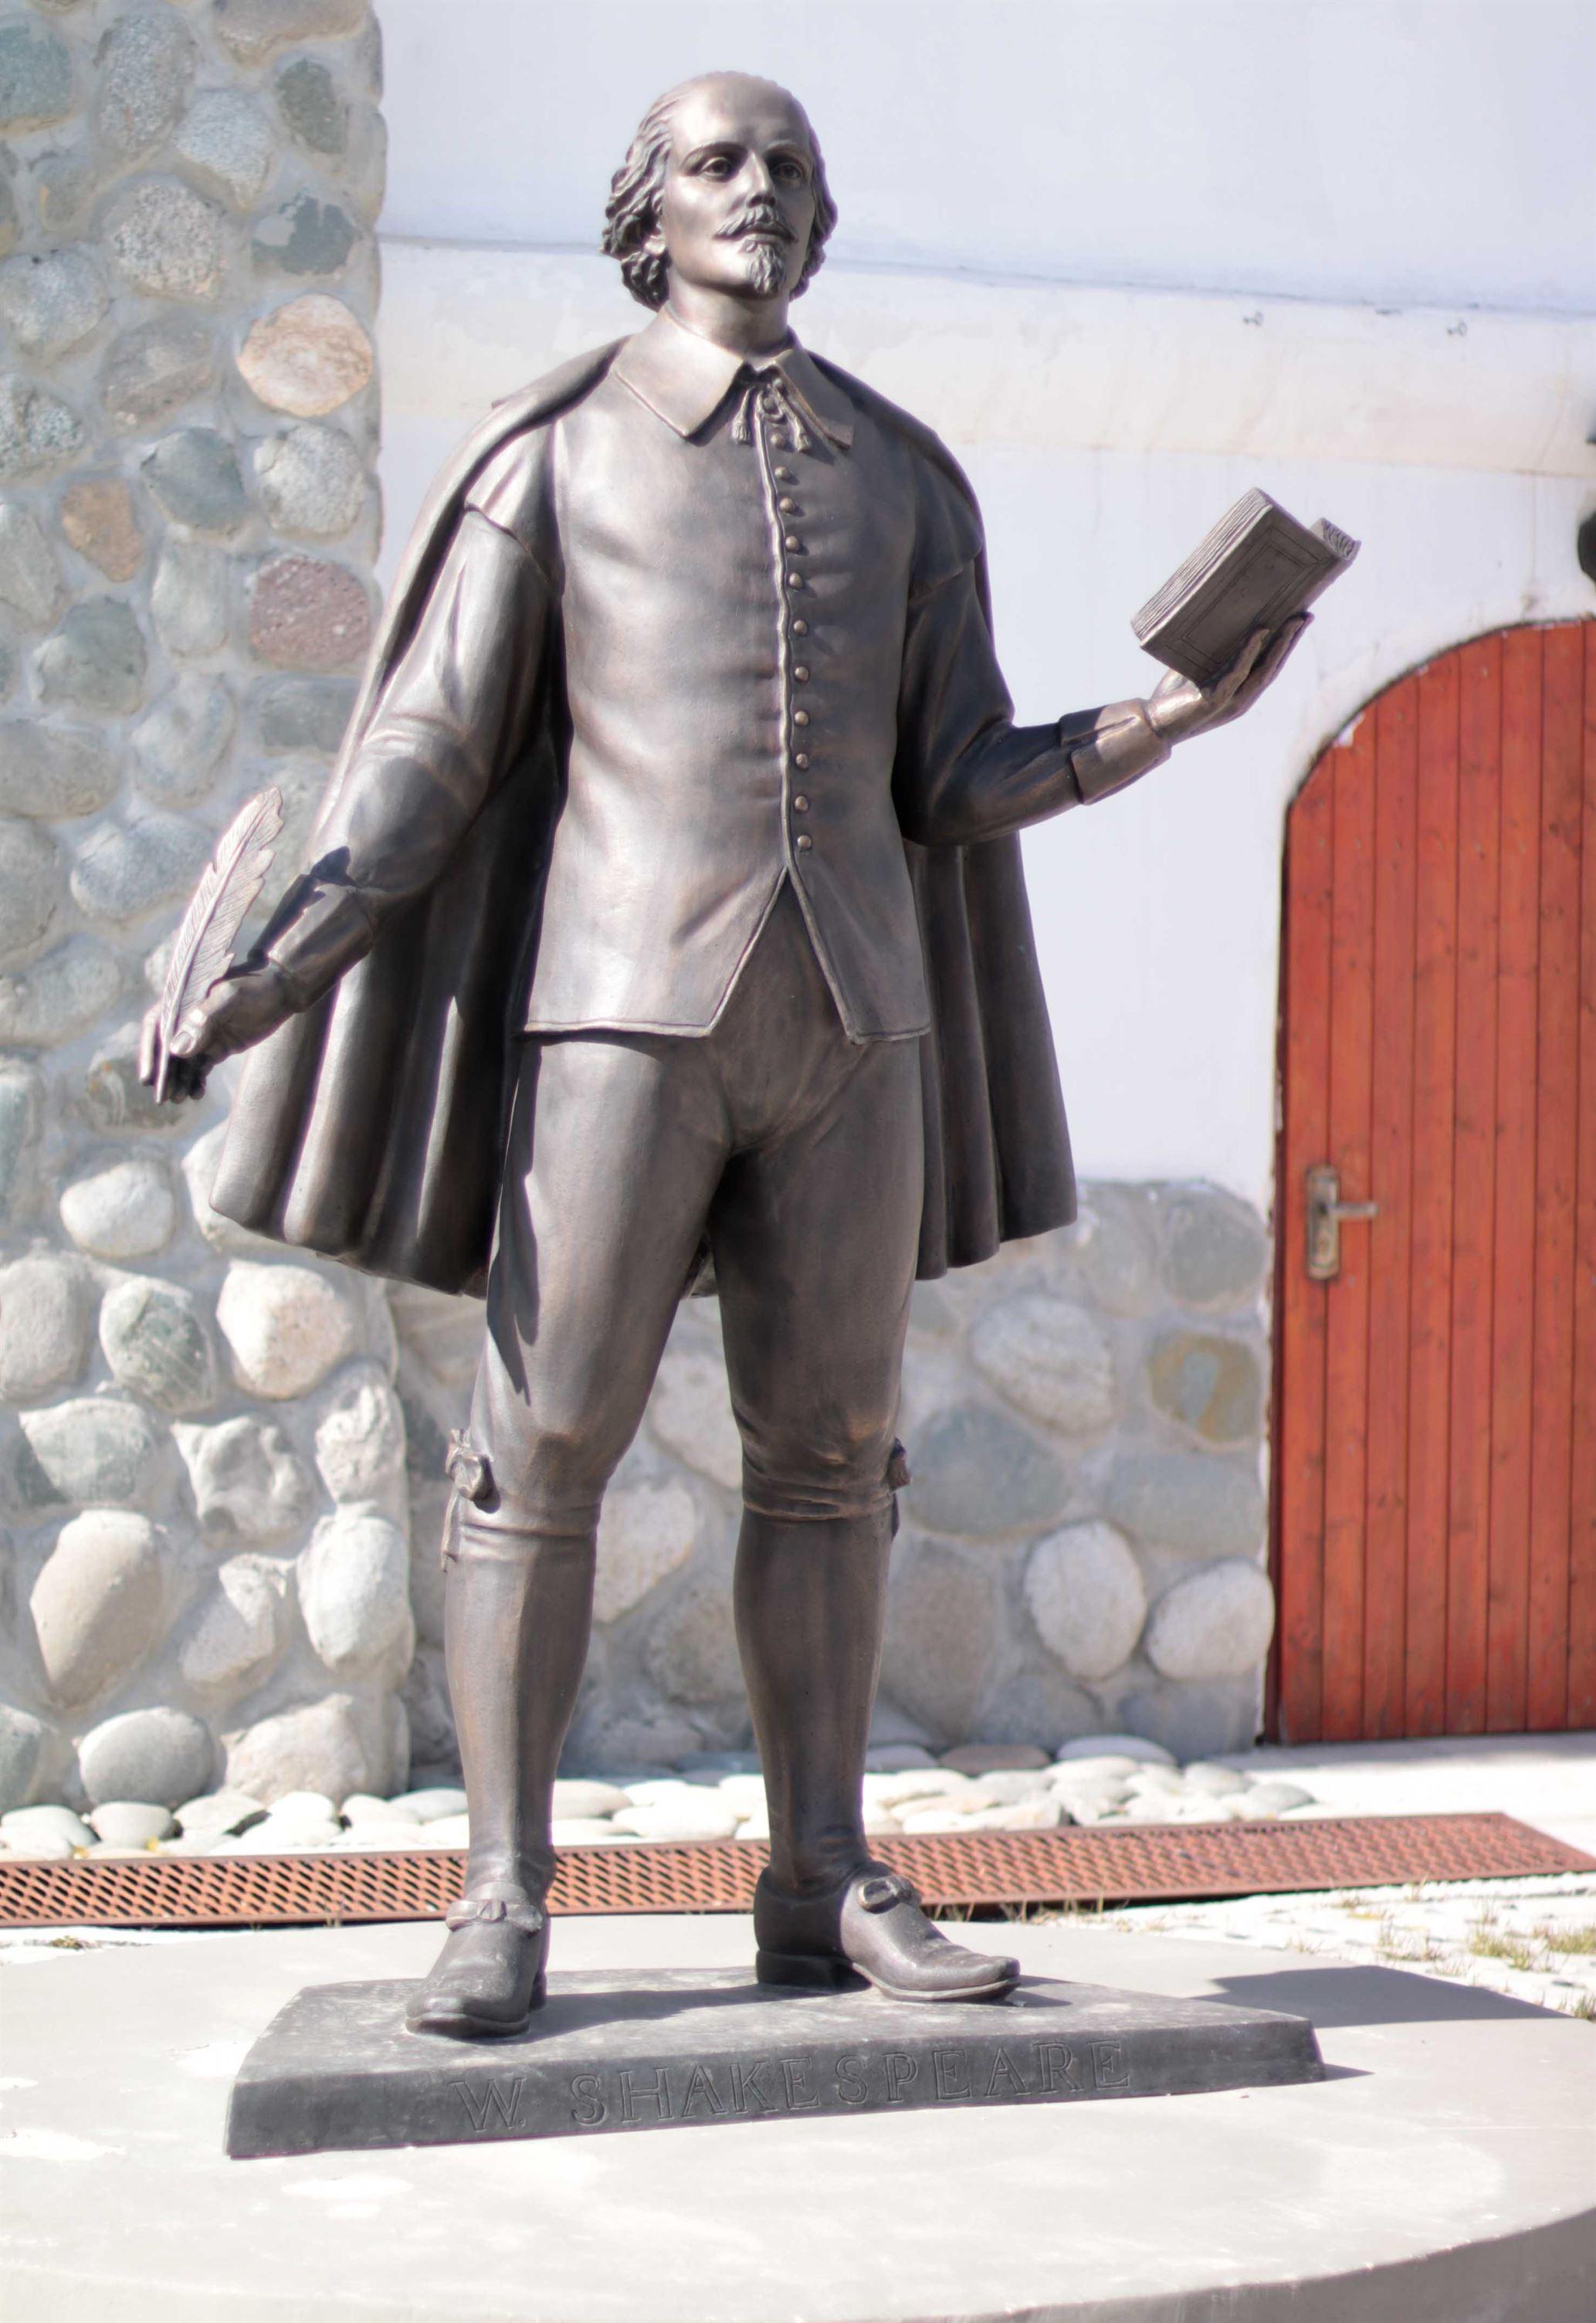 Памятник Уильяму Шекспиру на территории Культурно-образовательного центра «Этномир». - IMG 2717 копия